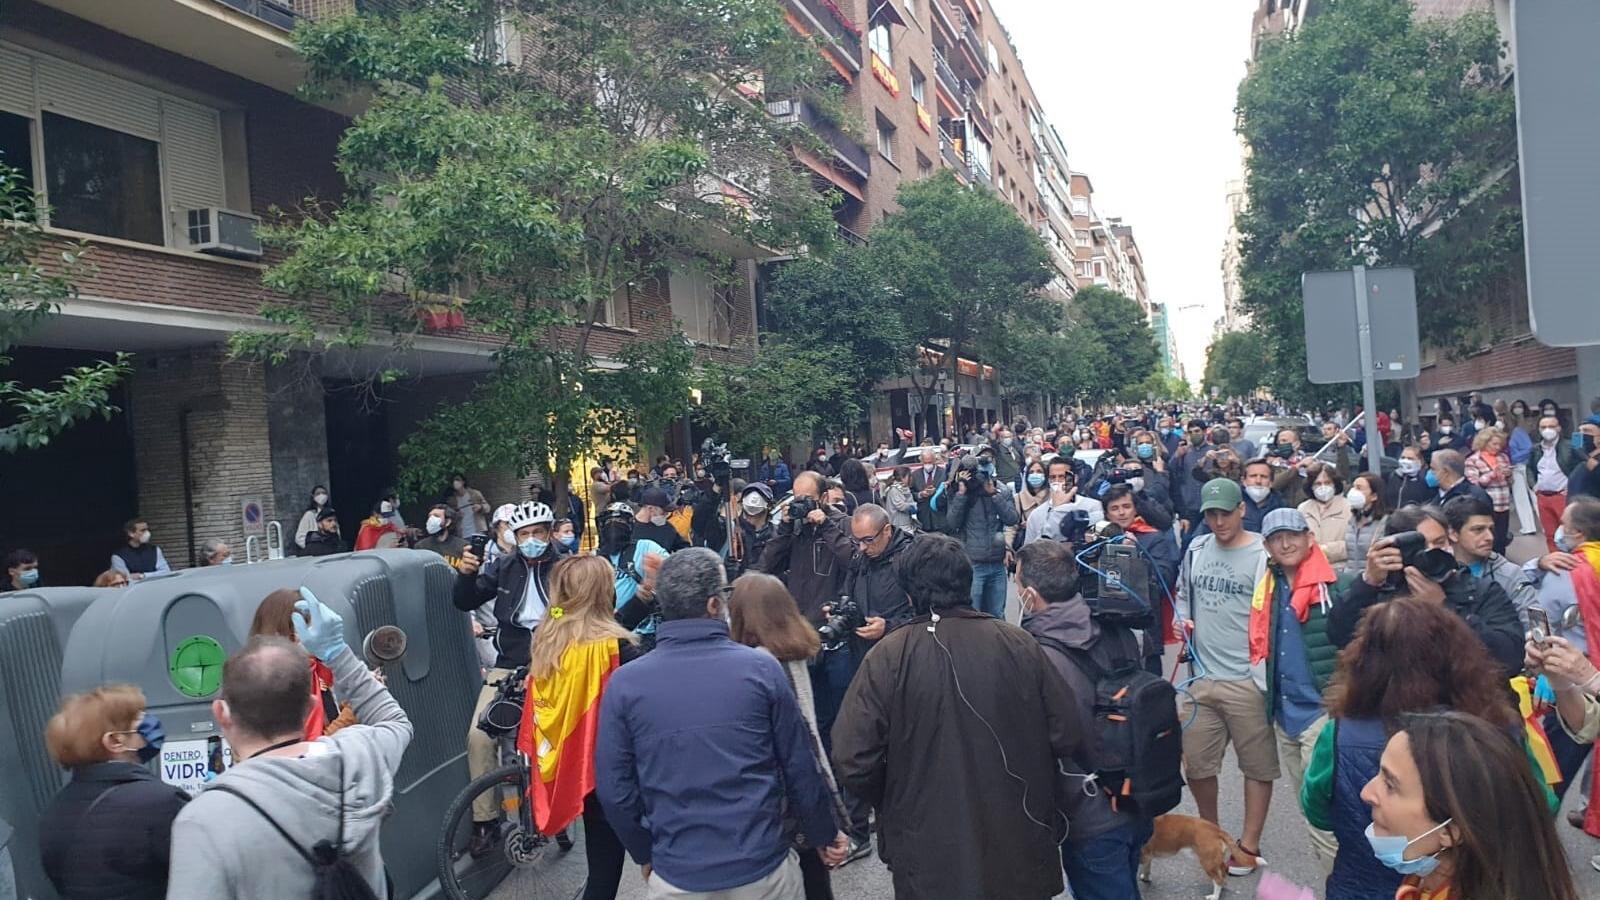 Manifestació contra el govern espanyol al carrer Núñez de Balboa ahir al barri de Salamanca de Madrid